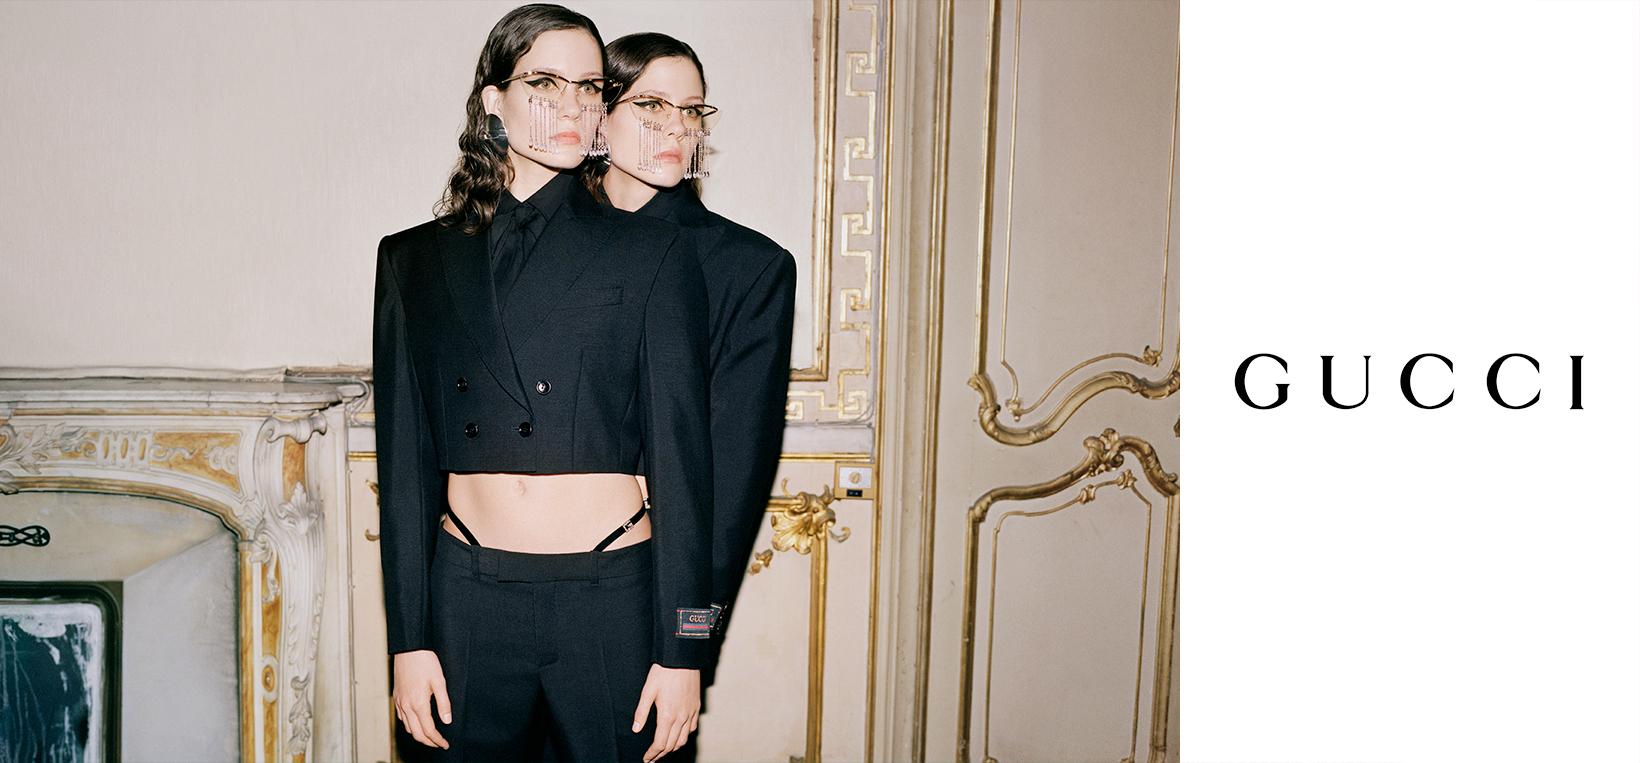 GUCCI - Donna - Borse - Leam Roma